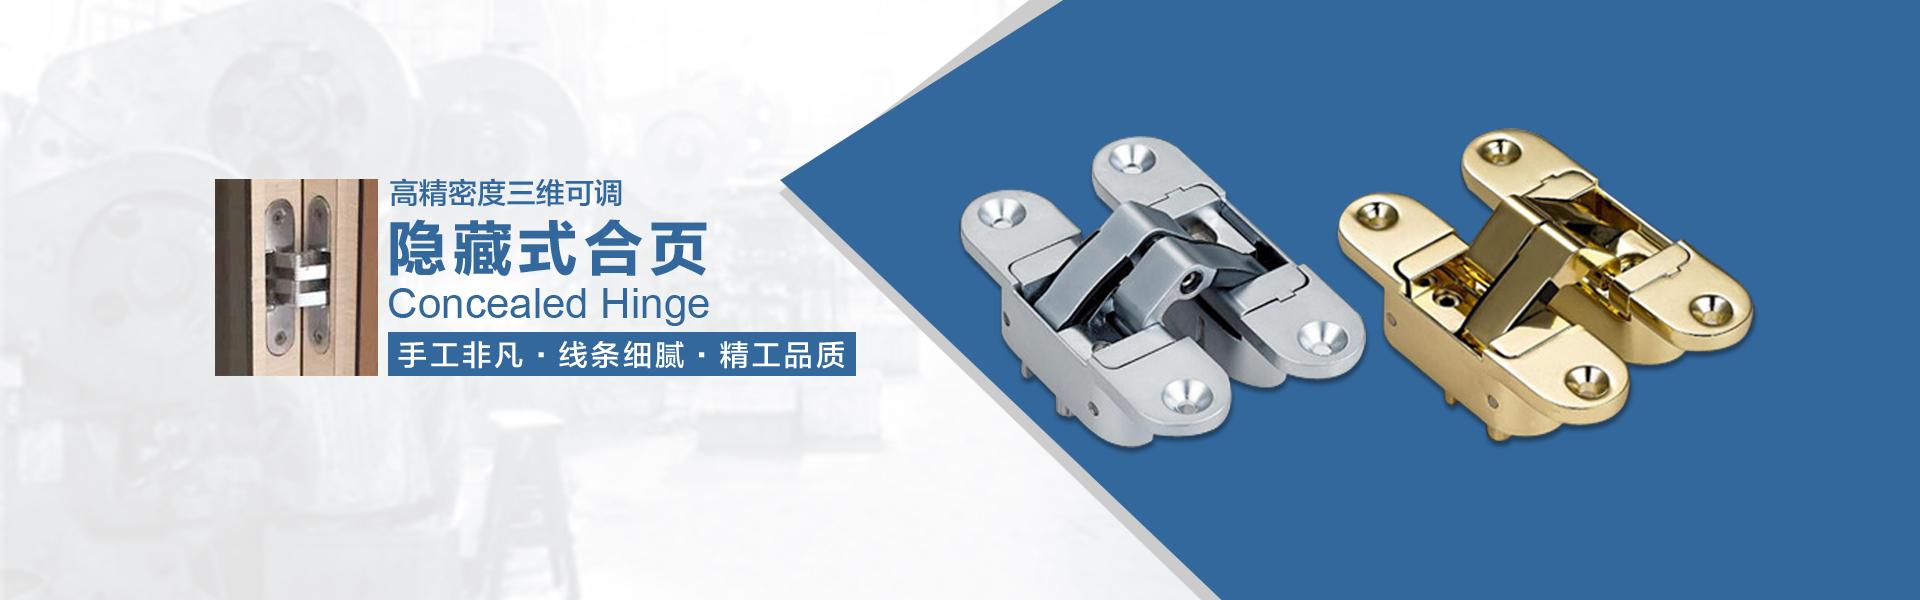 肇庆市高要区金利镇联裕金属制品有限公司提供生产阻尼,不锈钢橱柜铰链等产品!